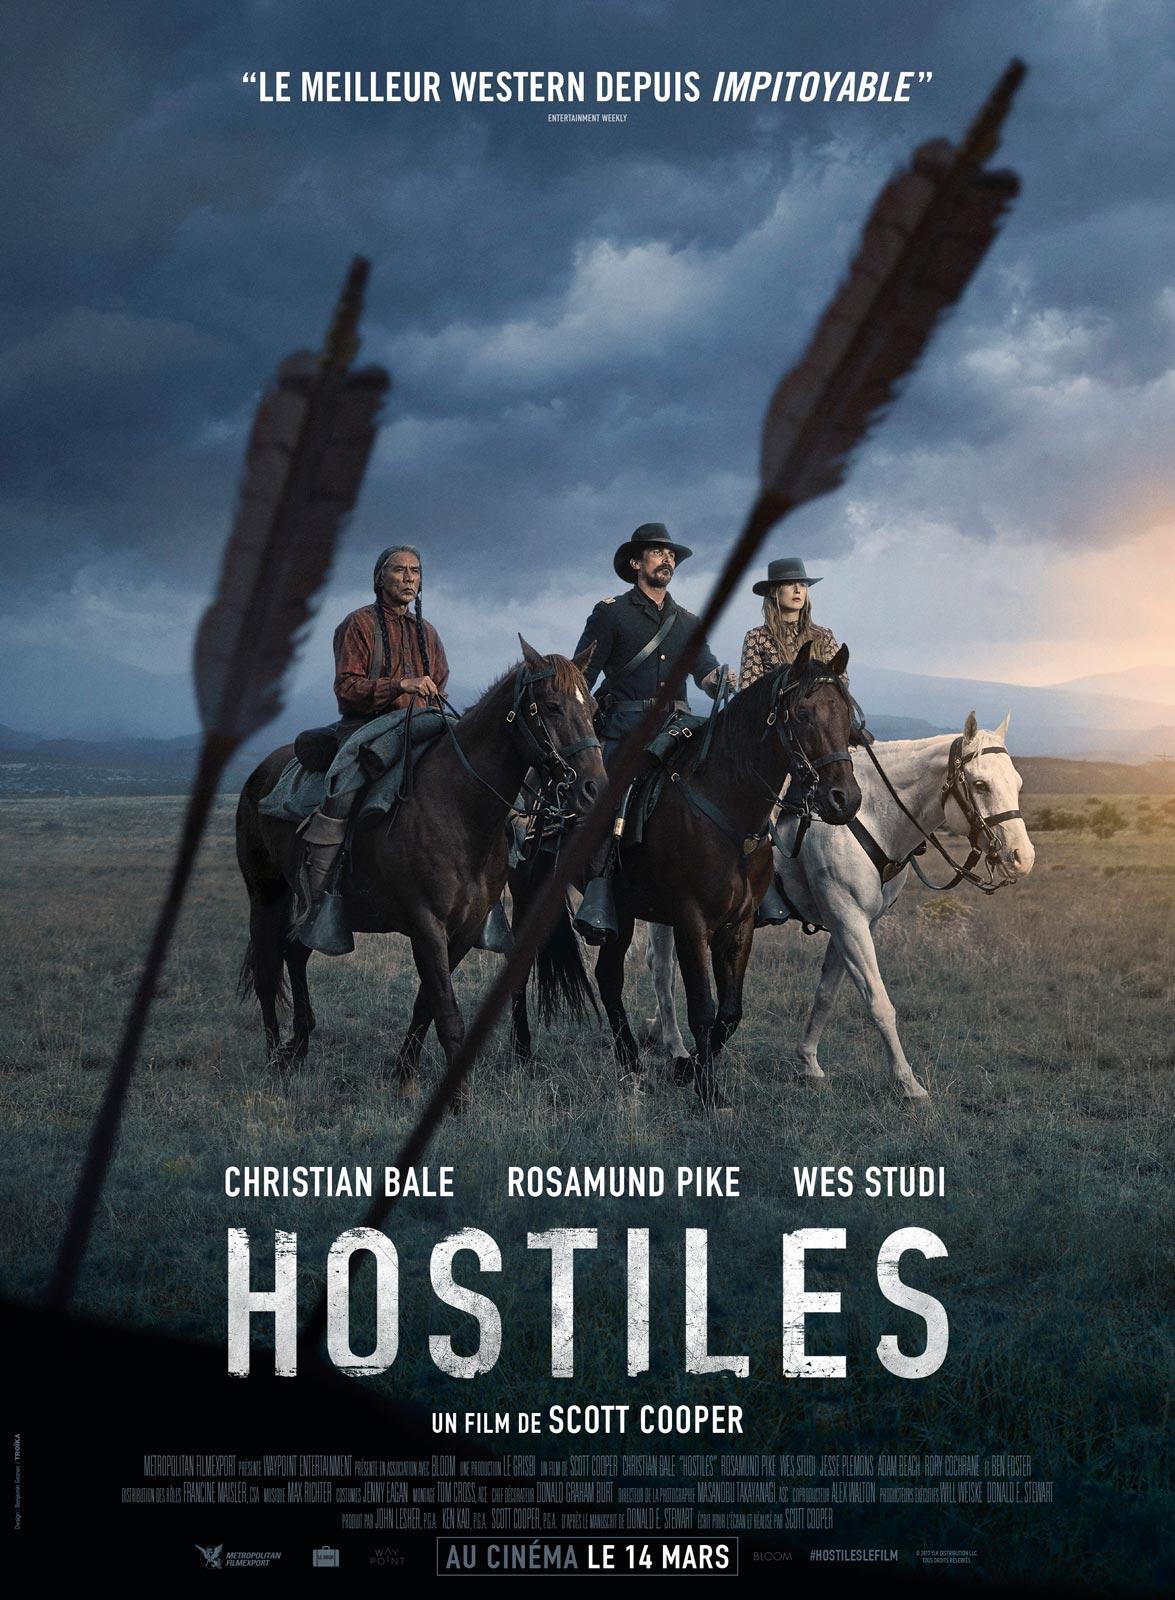 """Affiche française pour """"Hostiles"""" (Scott Cooper, 2017)"""